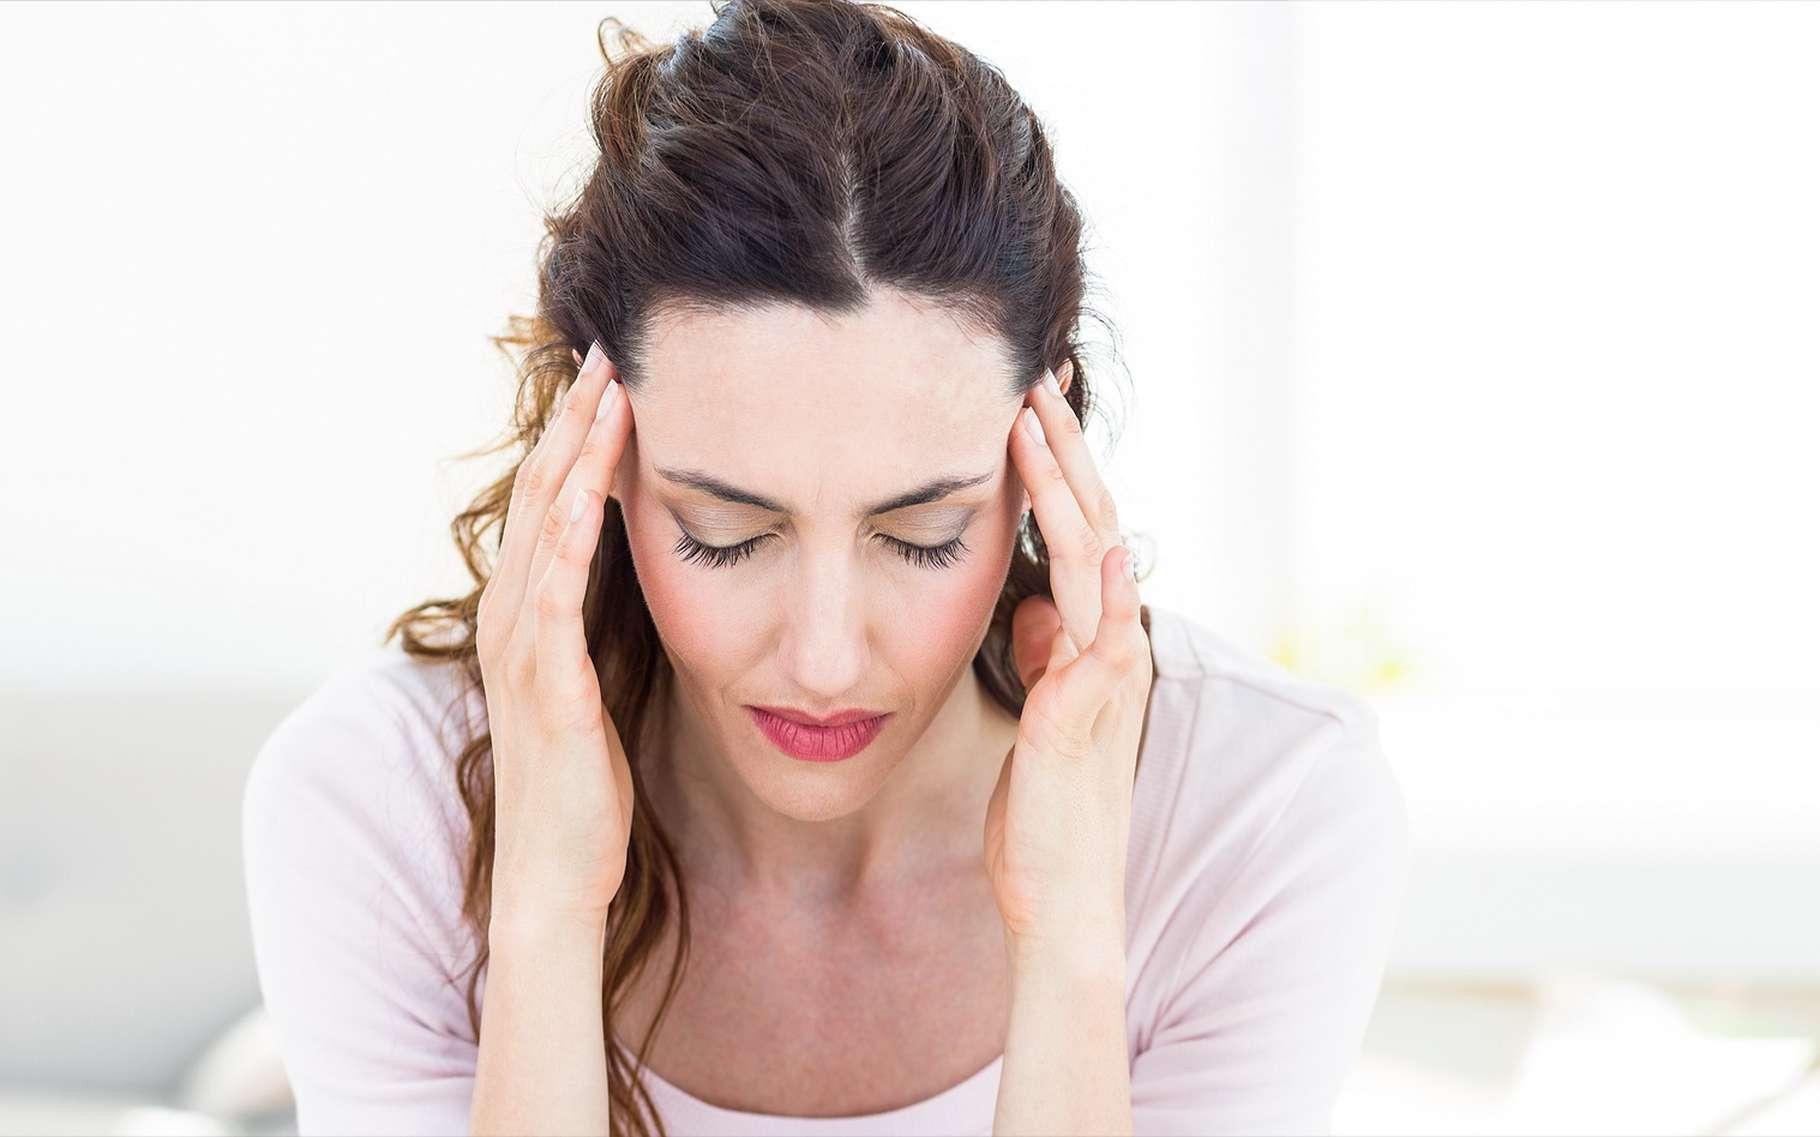 Les personnes migraineuses savent souvent quels aliments peuvent provoquer des maux de tête. © Atomazul, Shutterstock